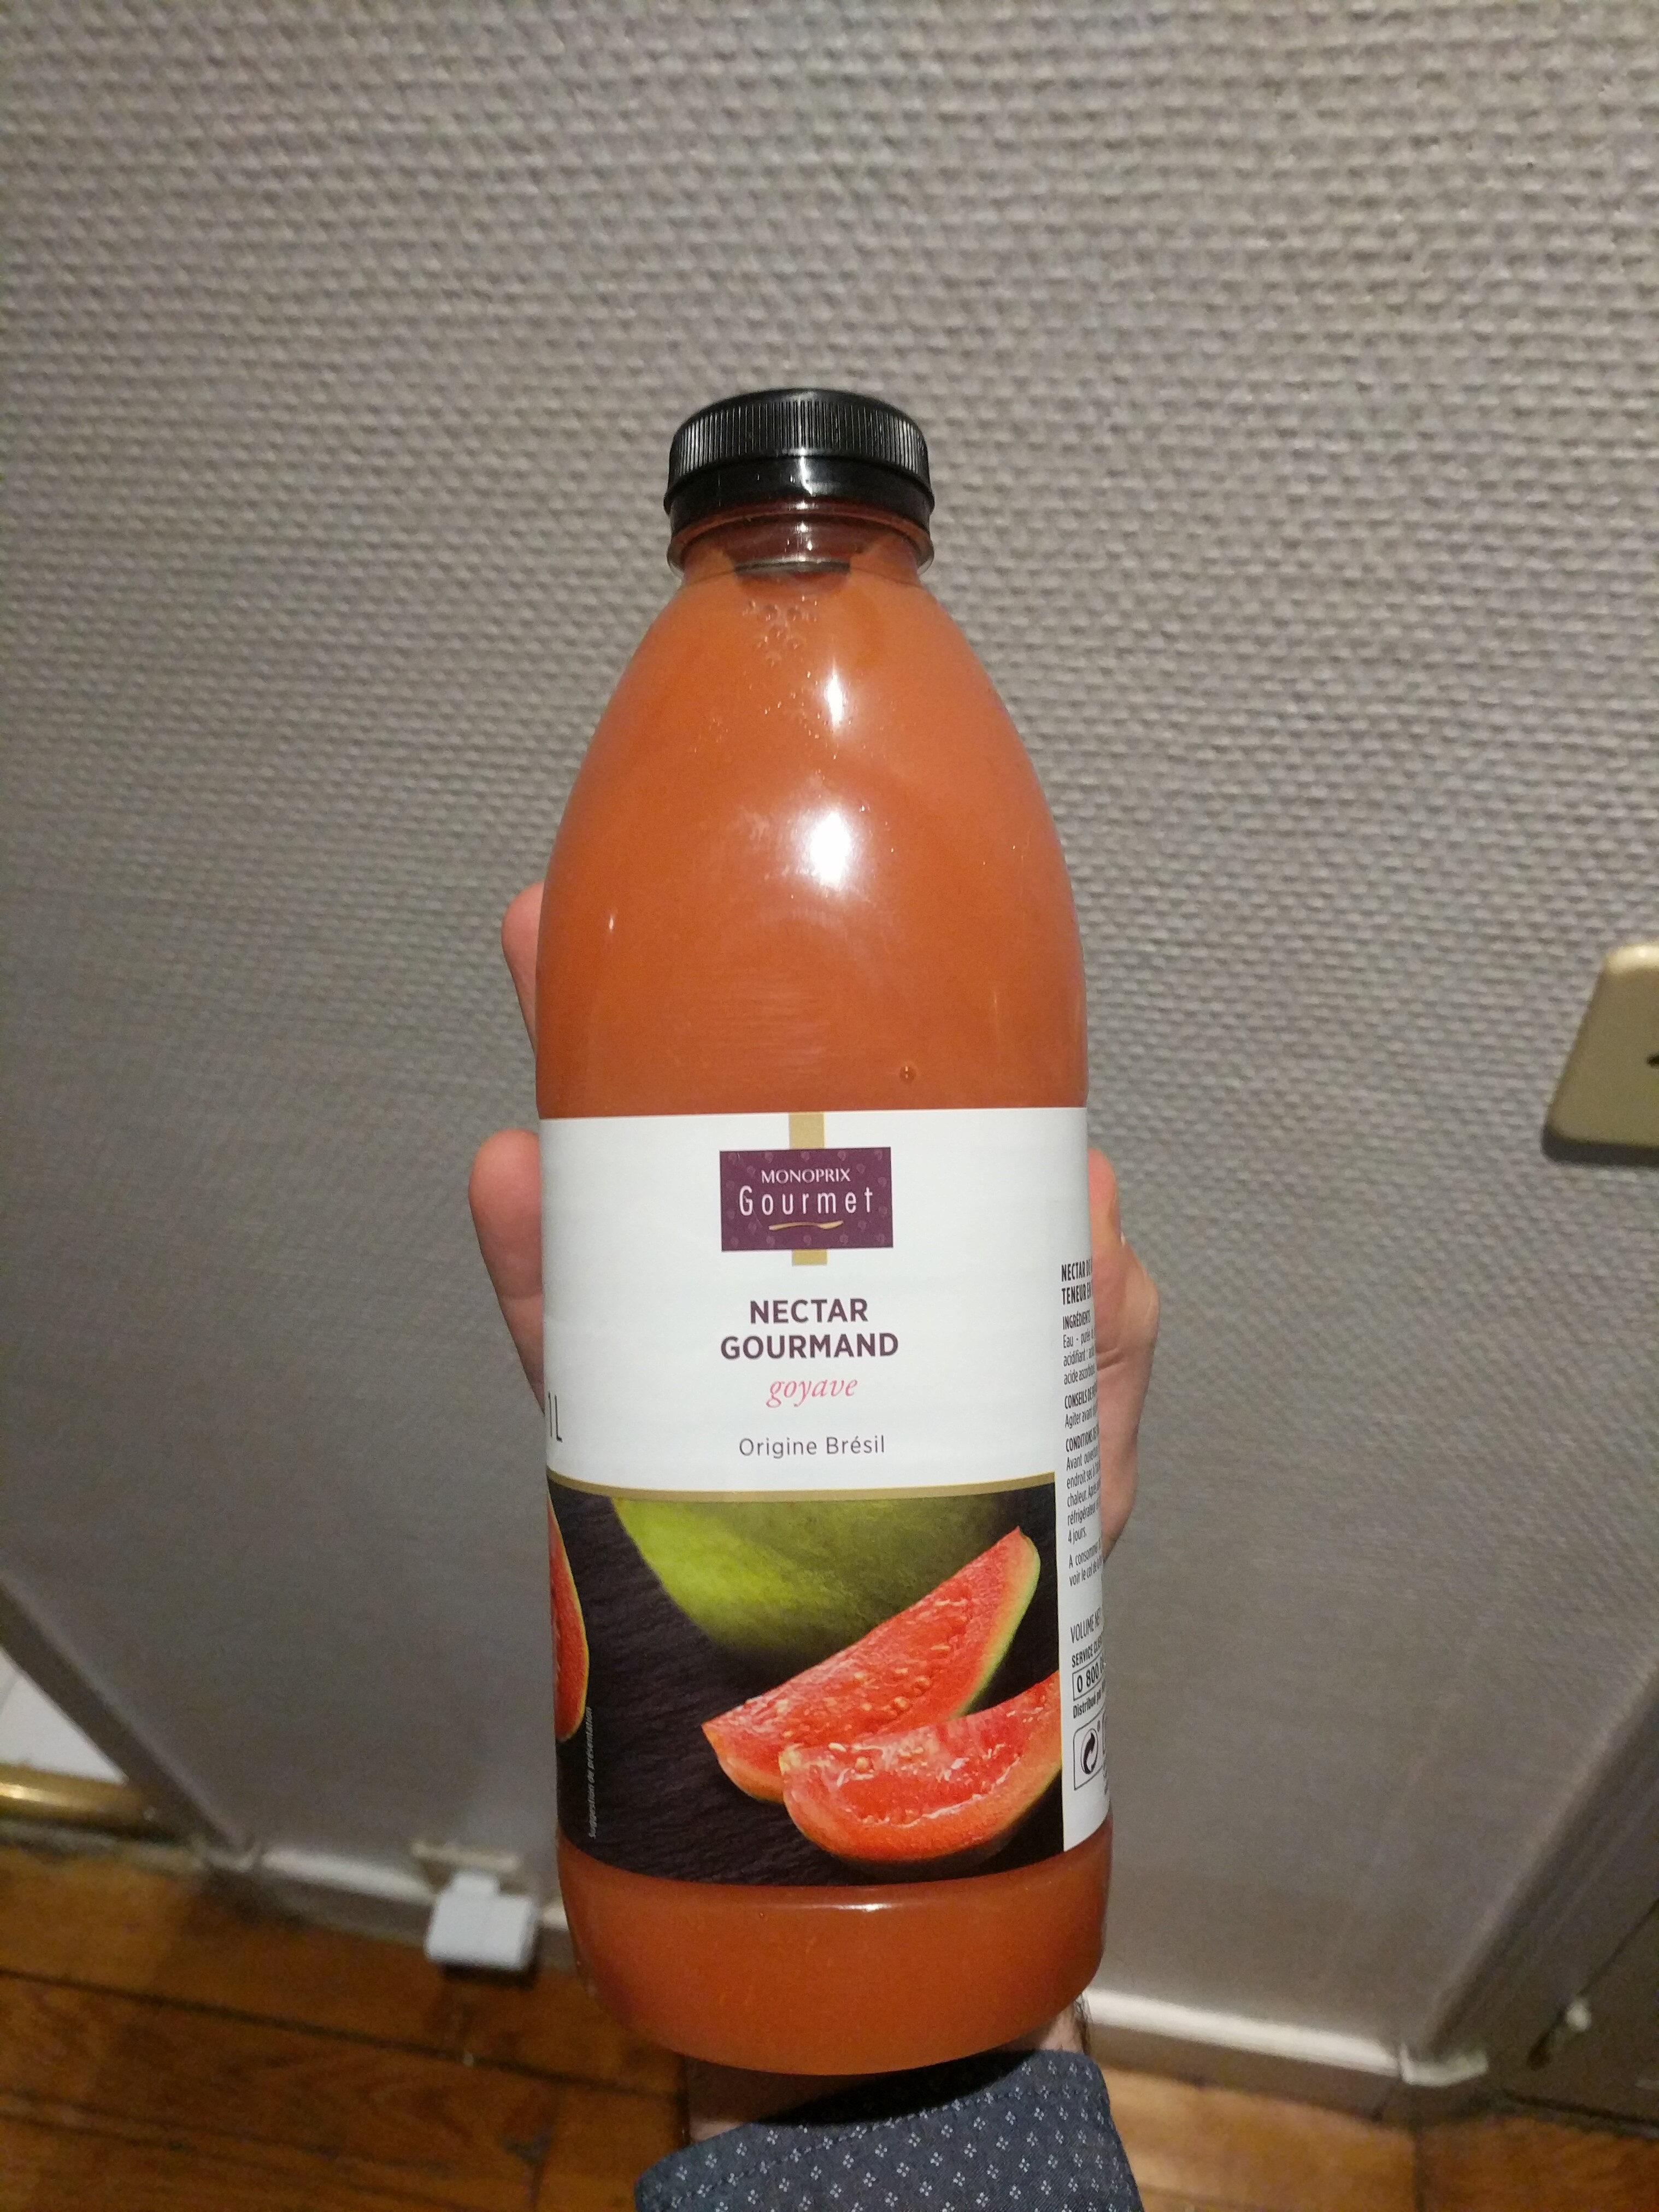 Nectar gourmand goyave origine Brésil - Prodotto - fr